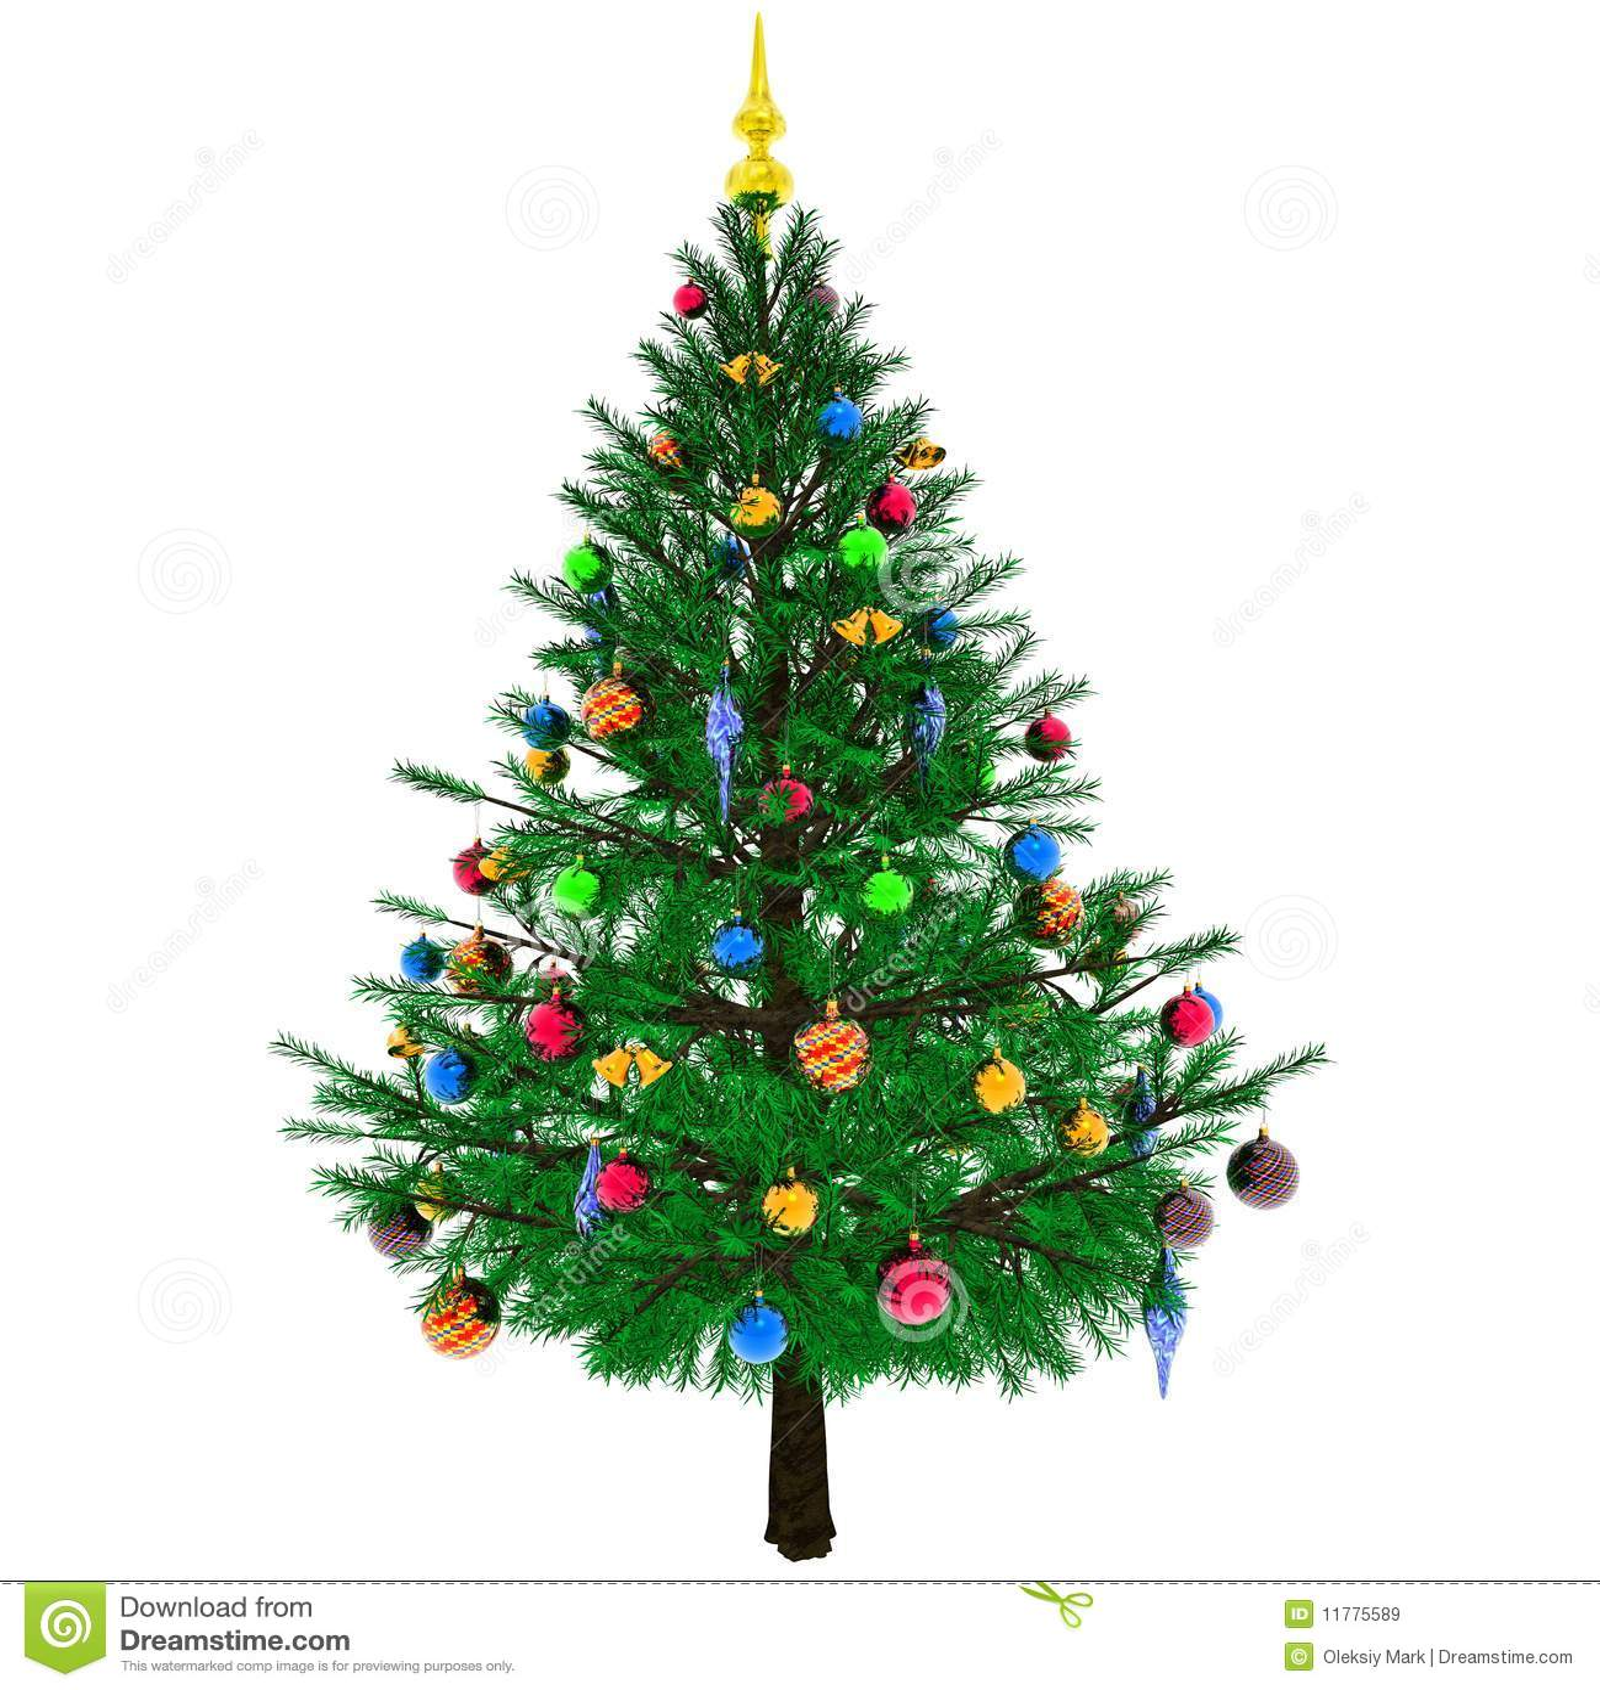 Rbol de navidad adornado im genes de archivo libres de - Fotos arboles navidad ...